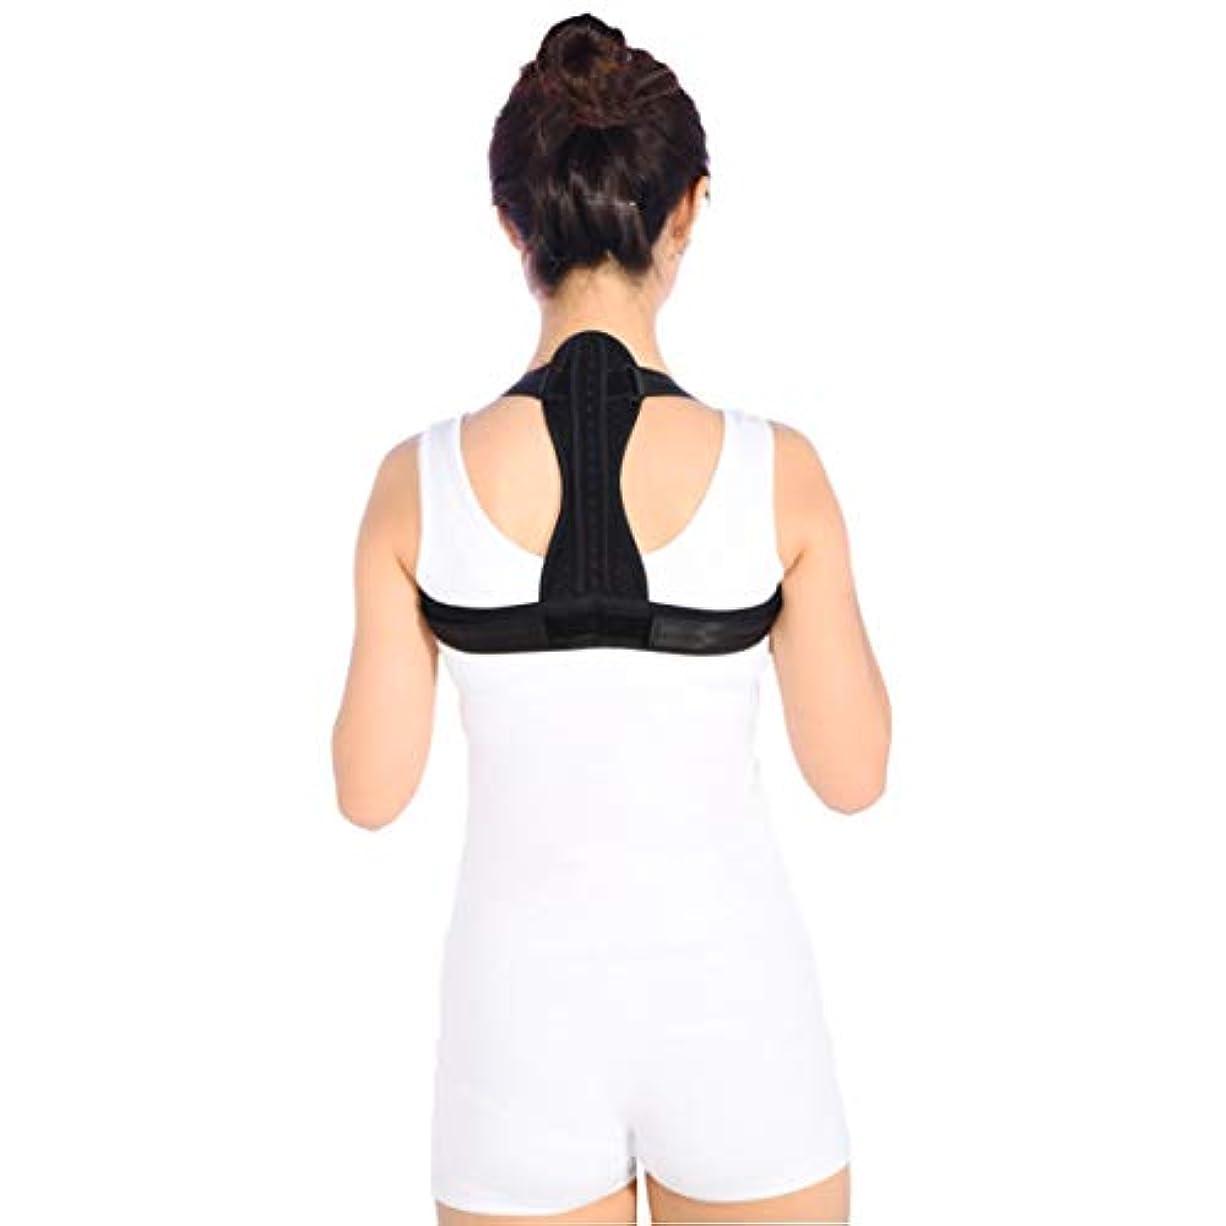 面起こるお嬢通気性の脊柱側弯症ザトウクジラ補正ベルト調節可能な快適さ目に見えないベルト男性女性大人学生子供 - 黒